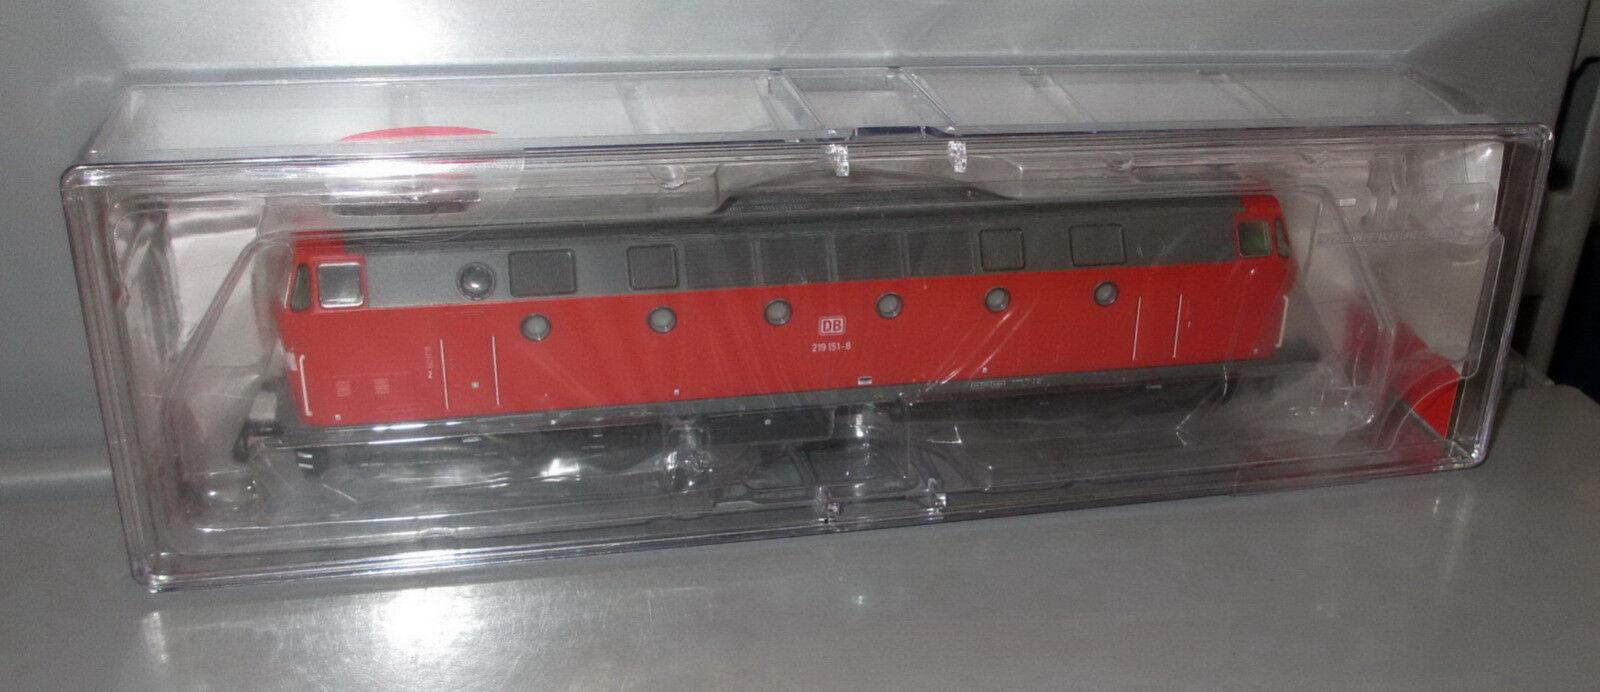 Piko TT 47341 DB AG diesellok br 219, puntas de luz abajo, época V _ nuevo